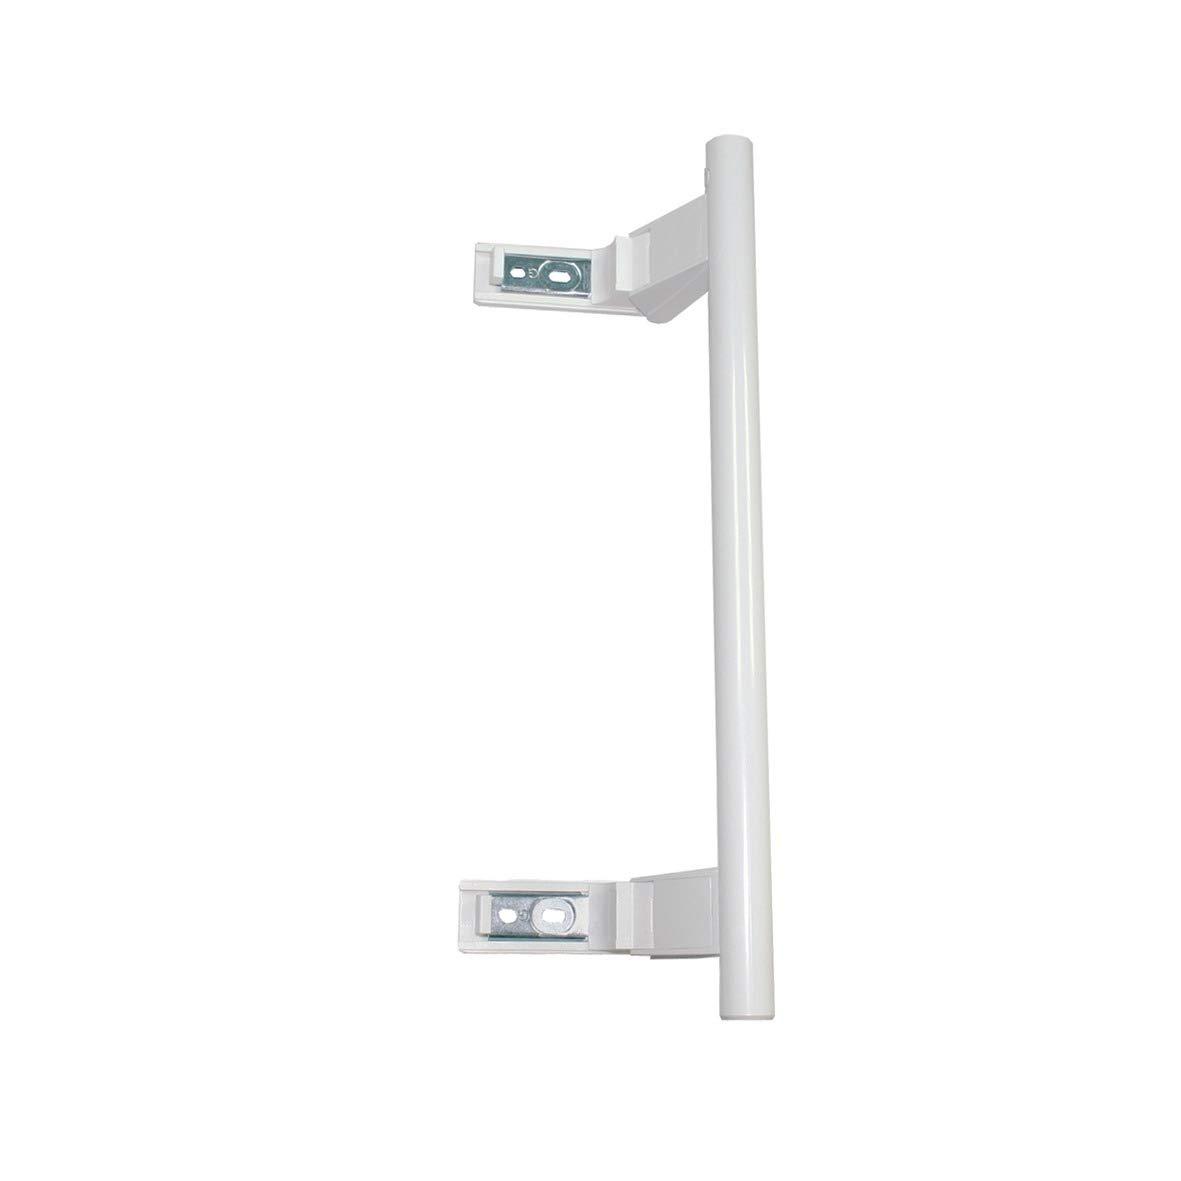 Pomo de puerta en blanco, barra, para neveras, congeladores y equipos combinados de nevera y congelador: Amazon.es: Grandes electrodomésticos